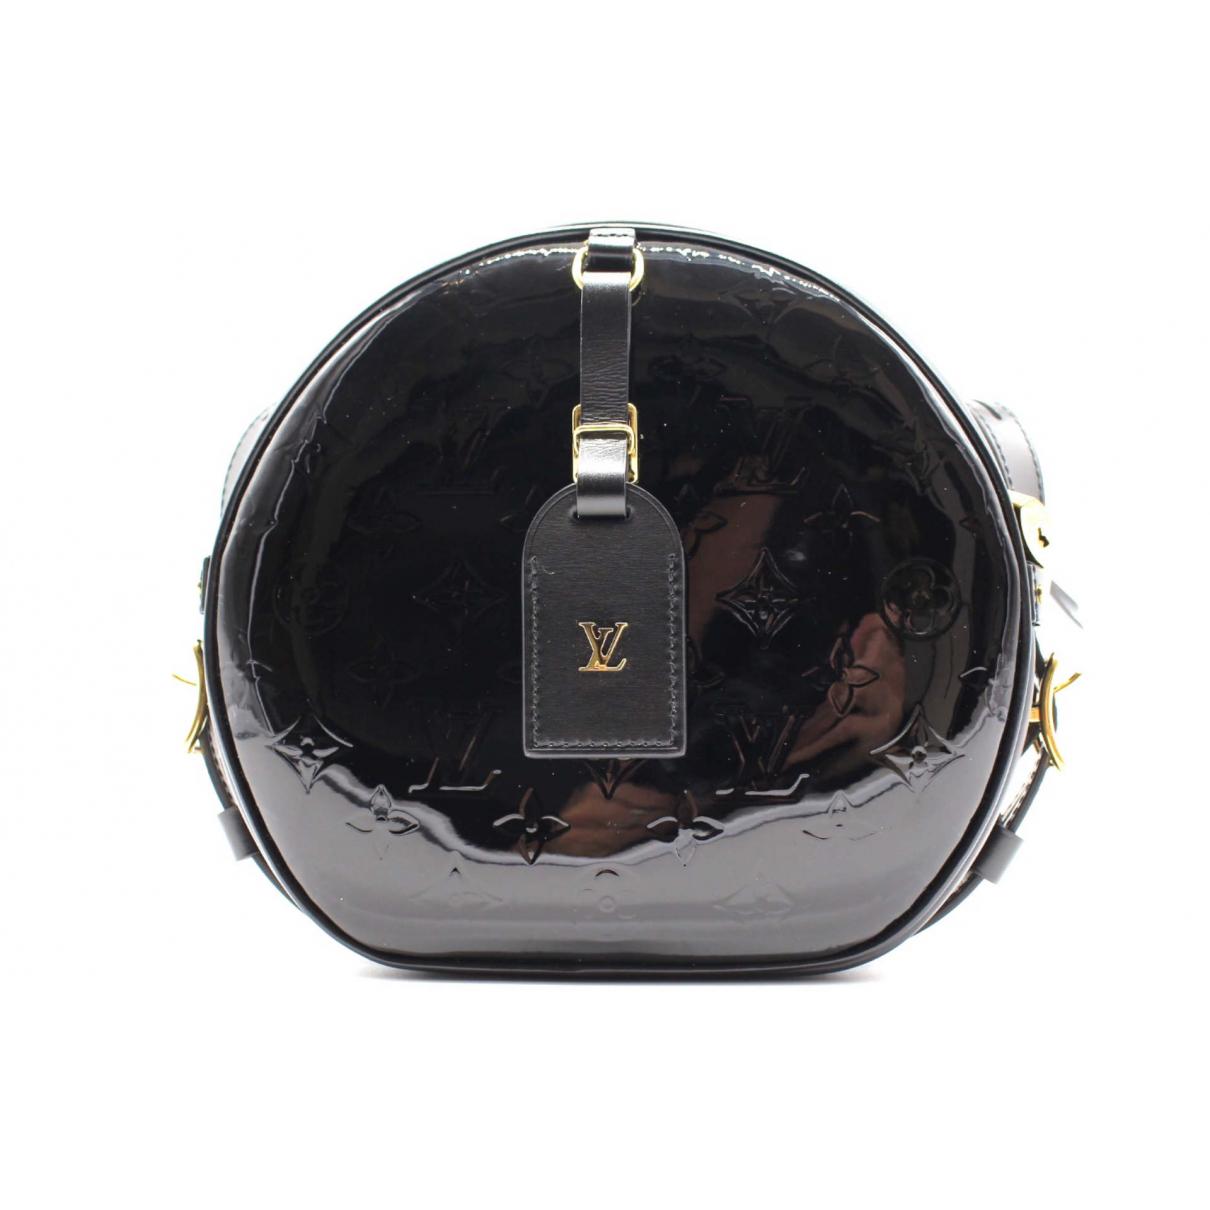 Louis Vuitton Boite chapeau souple Handtasche in  Schwarz Lackleder